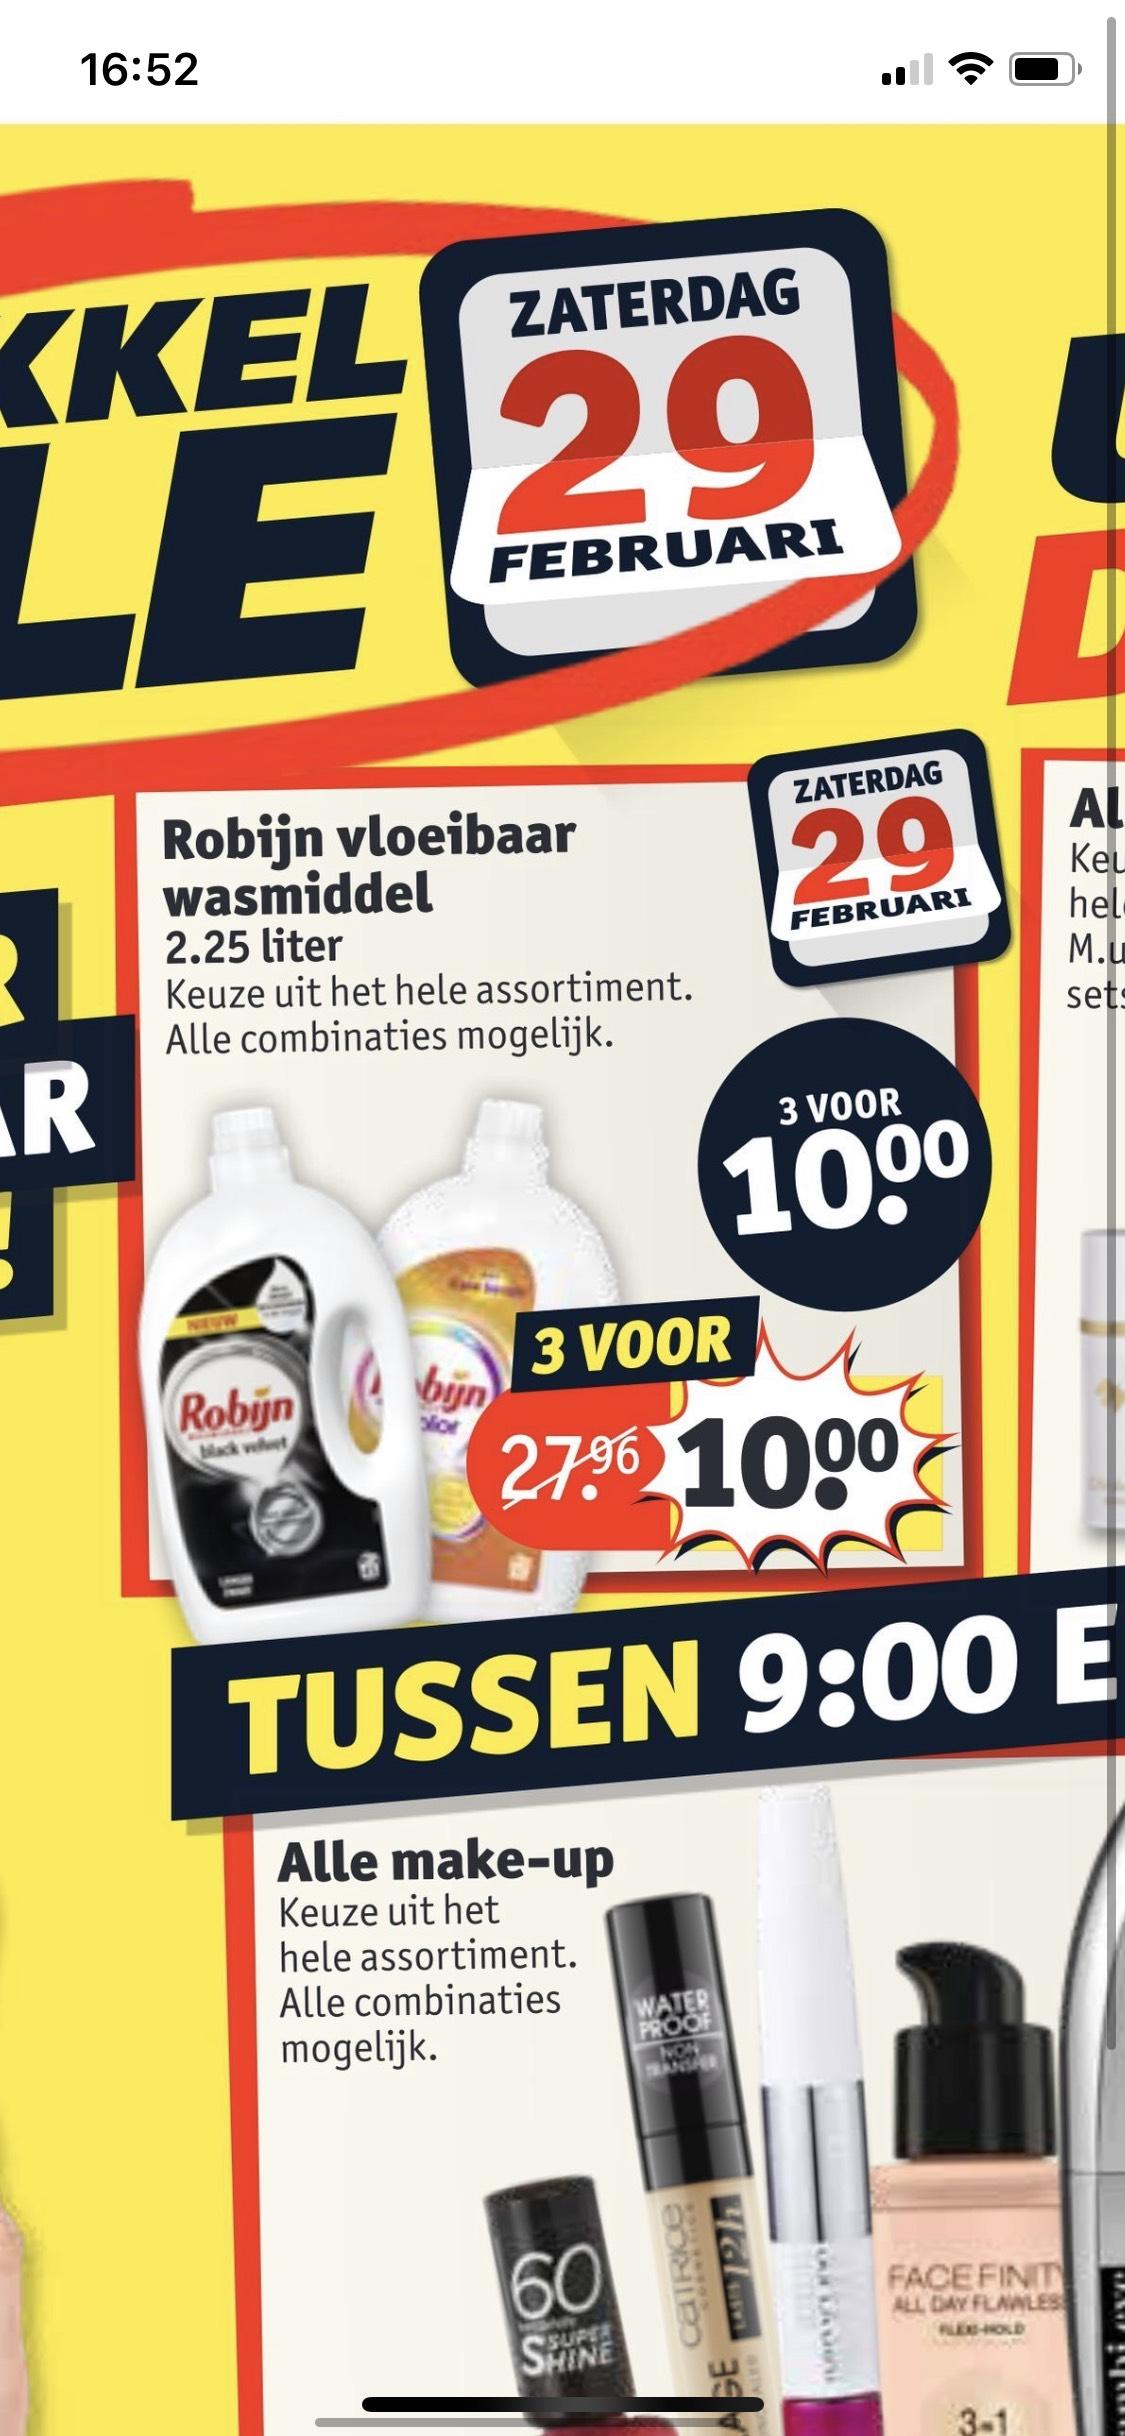 3 robijn wasmiddel (2,25L) voor €10,- (29 februari)